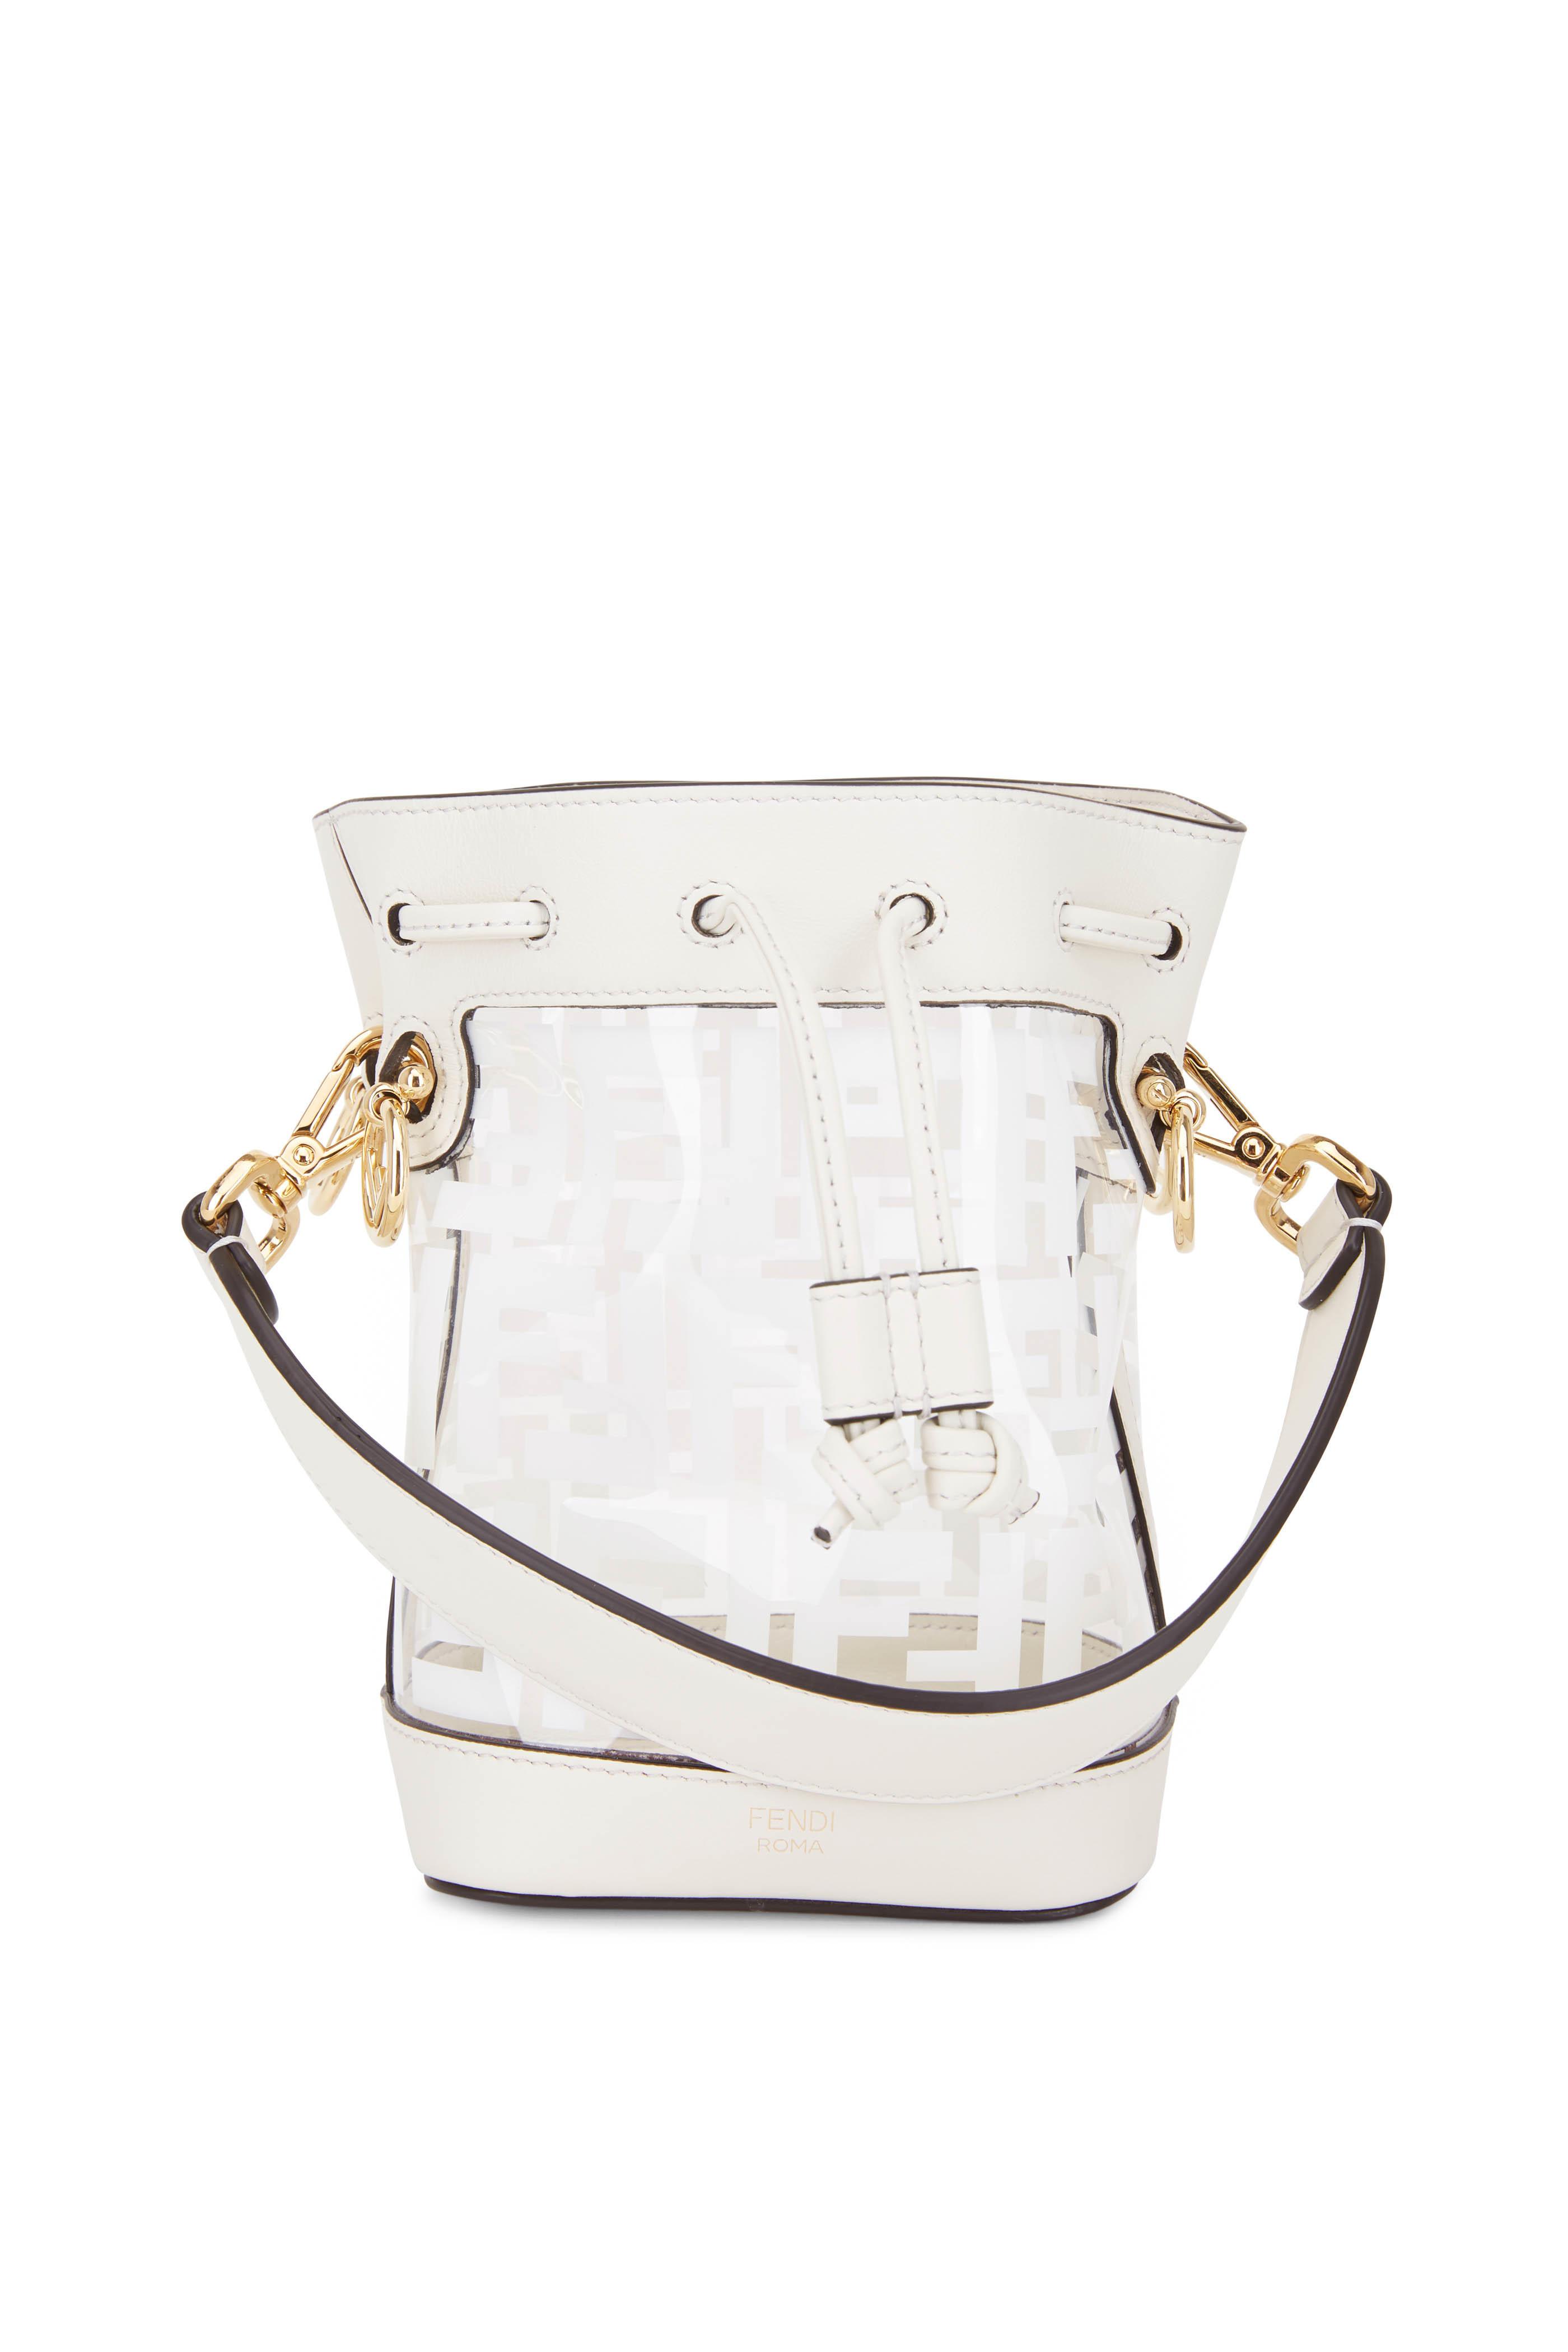 6170e063 White Fendi Bag